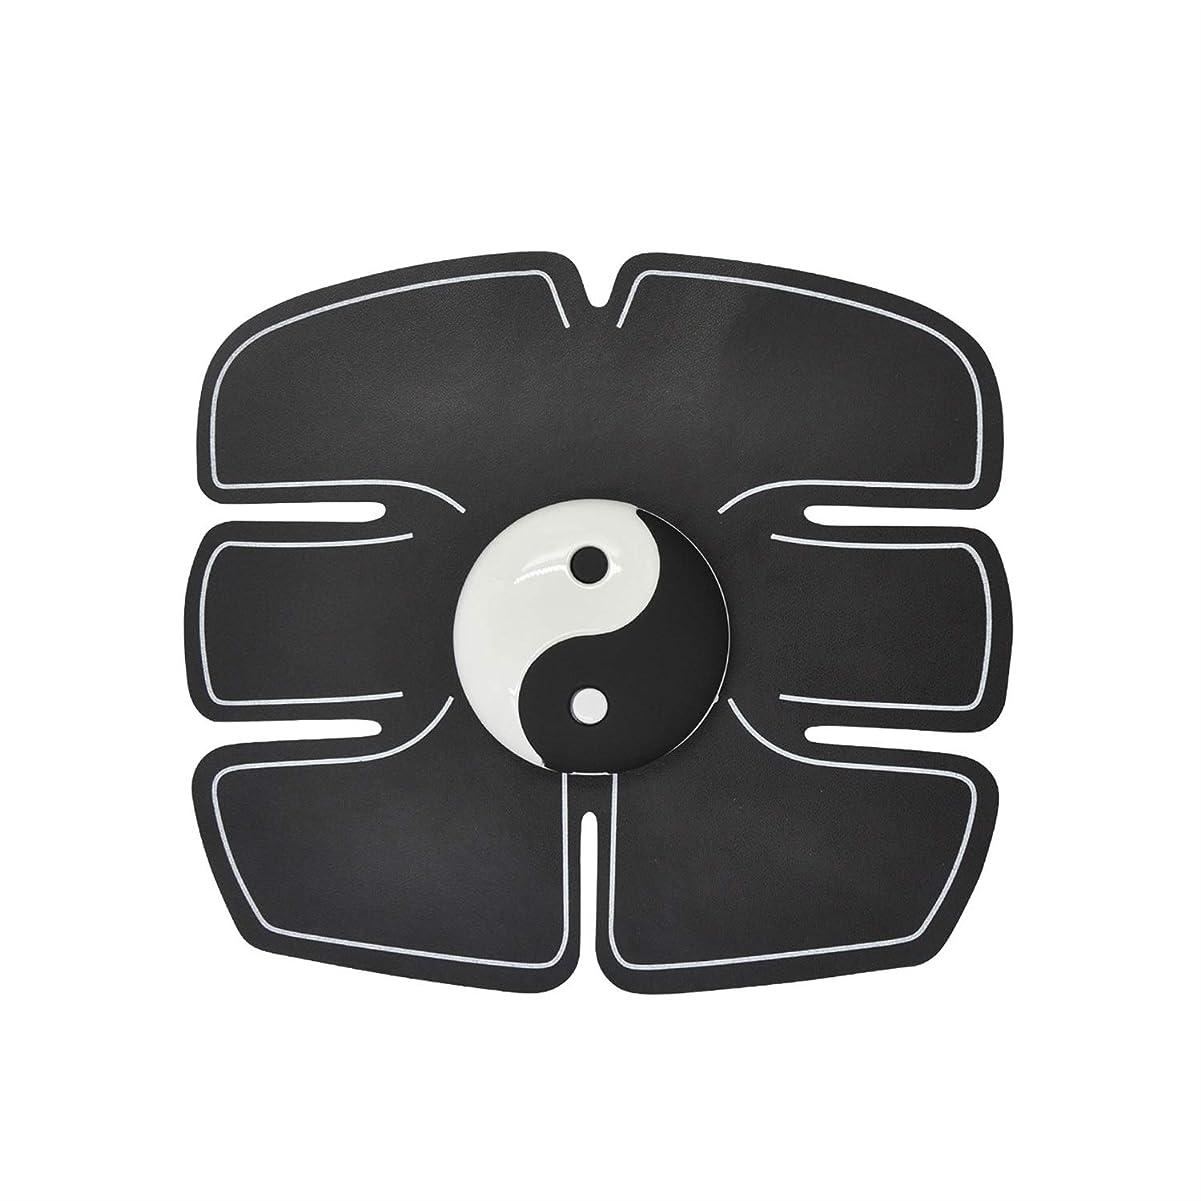 つかむ息切れ加入Ems筋肉刺激装置、腹部筋肉トナー腹筋トレーナーフィットネストレーニングギアabsフィット重量筋肉トレーニング調色ジムトレーニングマシン用男性&女性 (Size : Abdominal stickers)